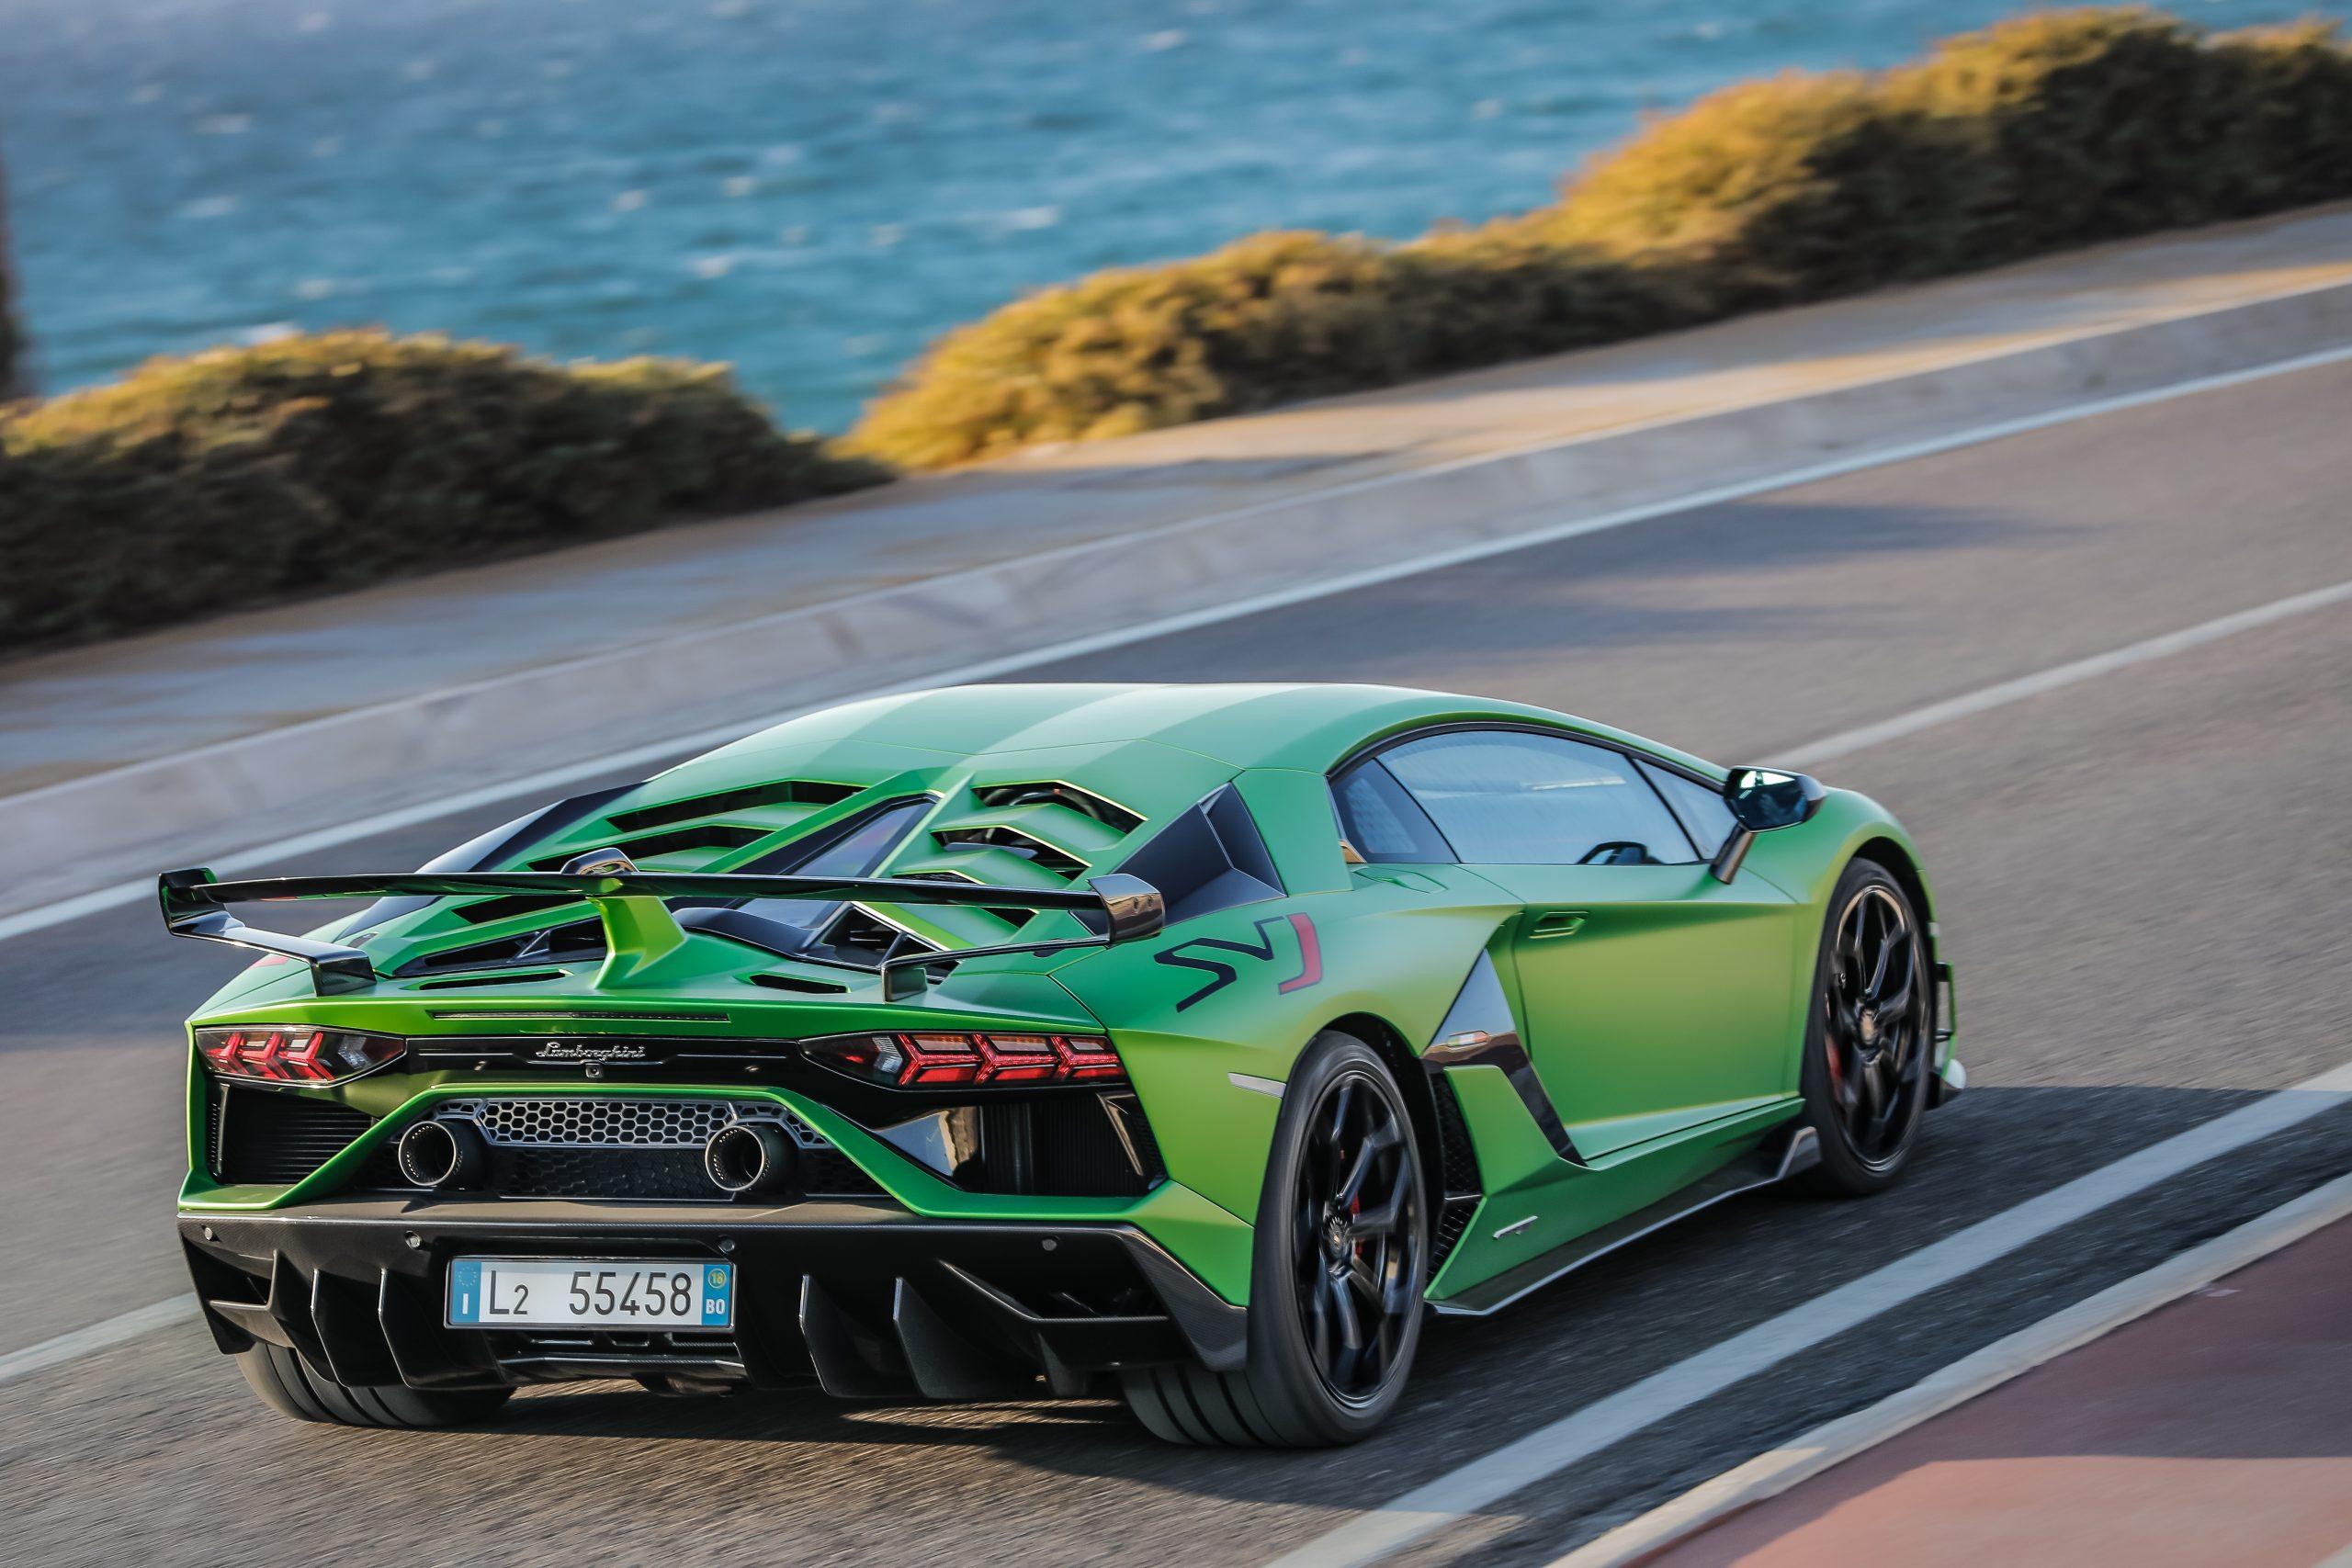 2021 Lamborghini Aventador SVJ